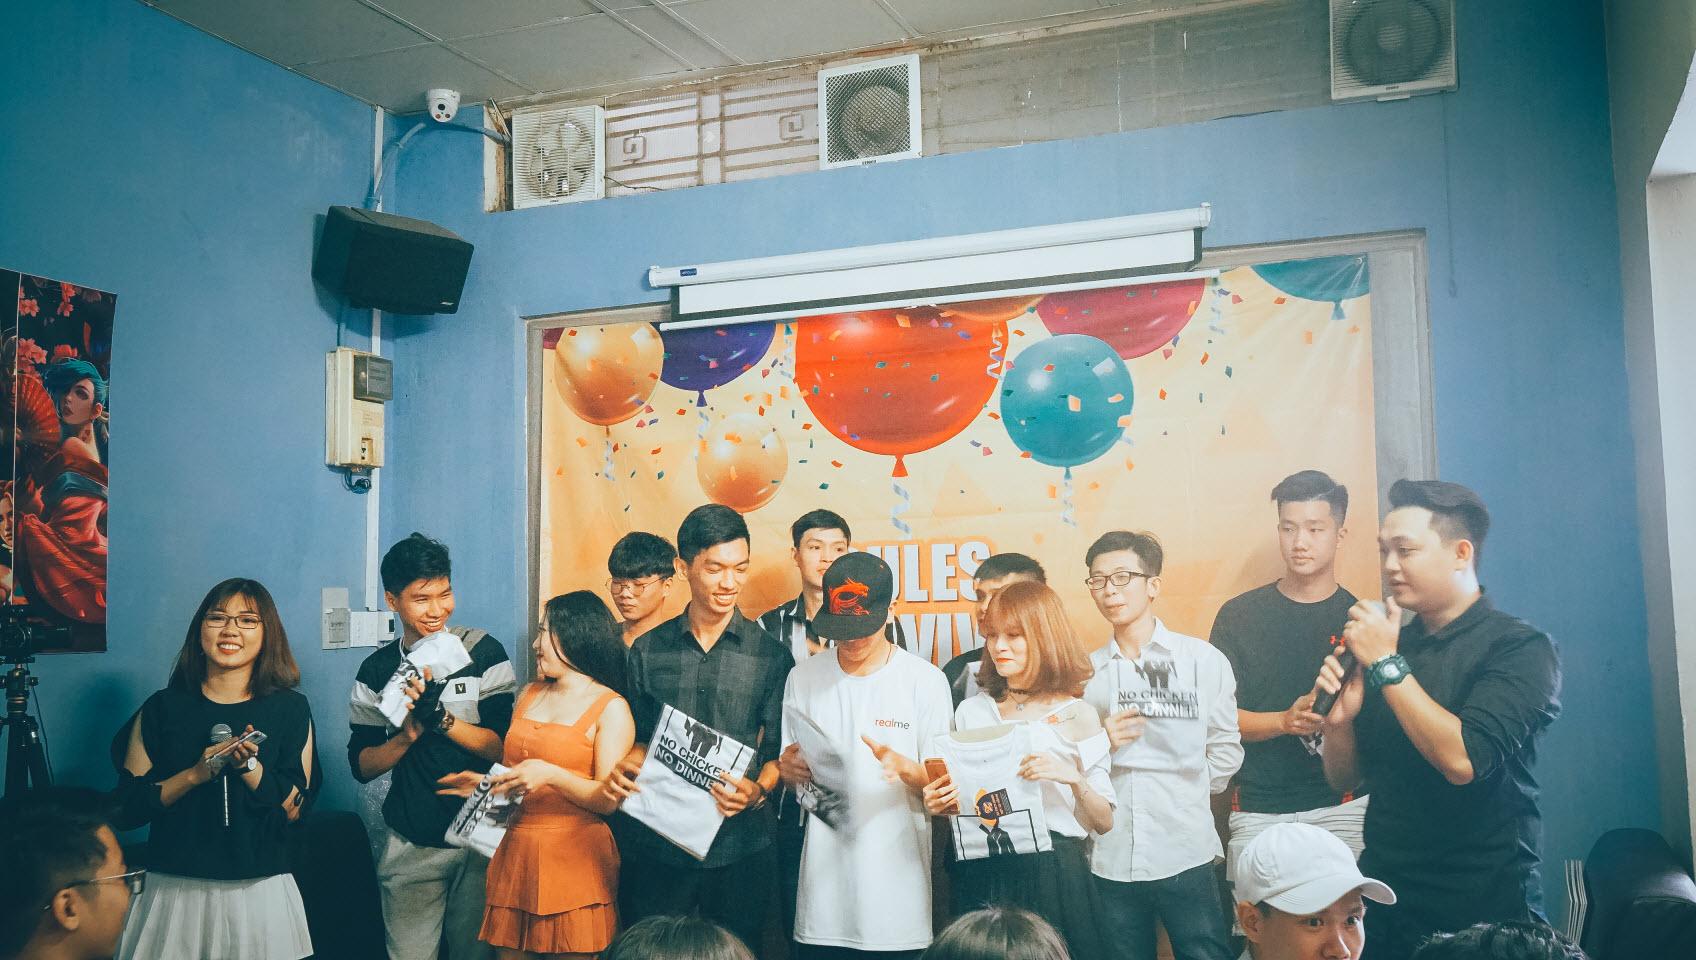 Cộng đồng Rules of Survival tổ chức offline mừng sinh nhật tại Hồ Chí Minh 8